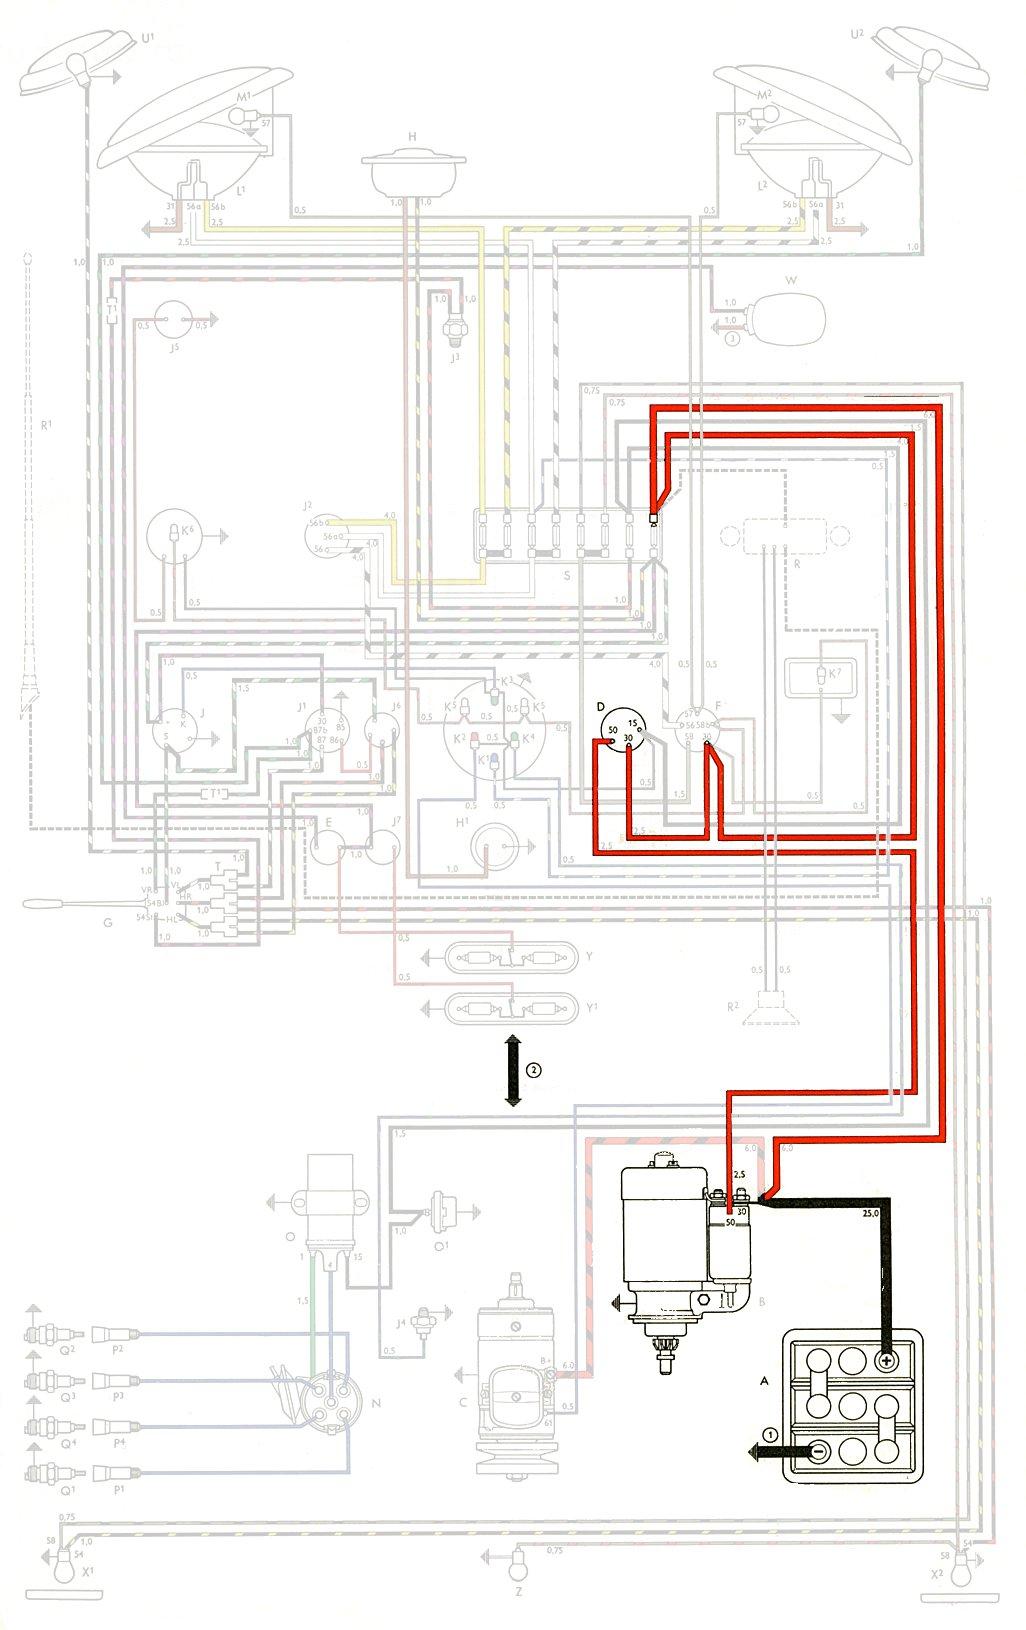 1970 vw type 2 wiring diagram elbow anatomy thesamba diagrams